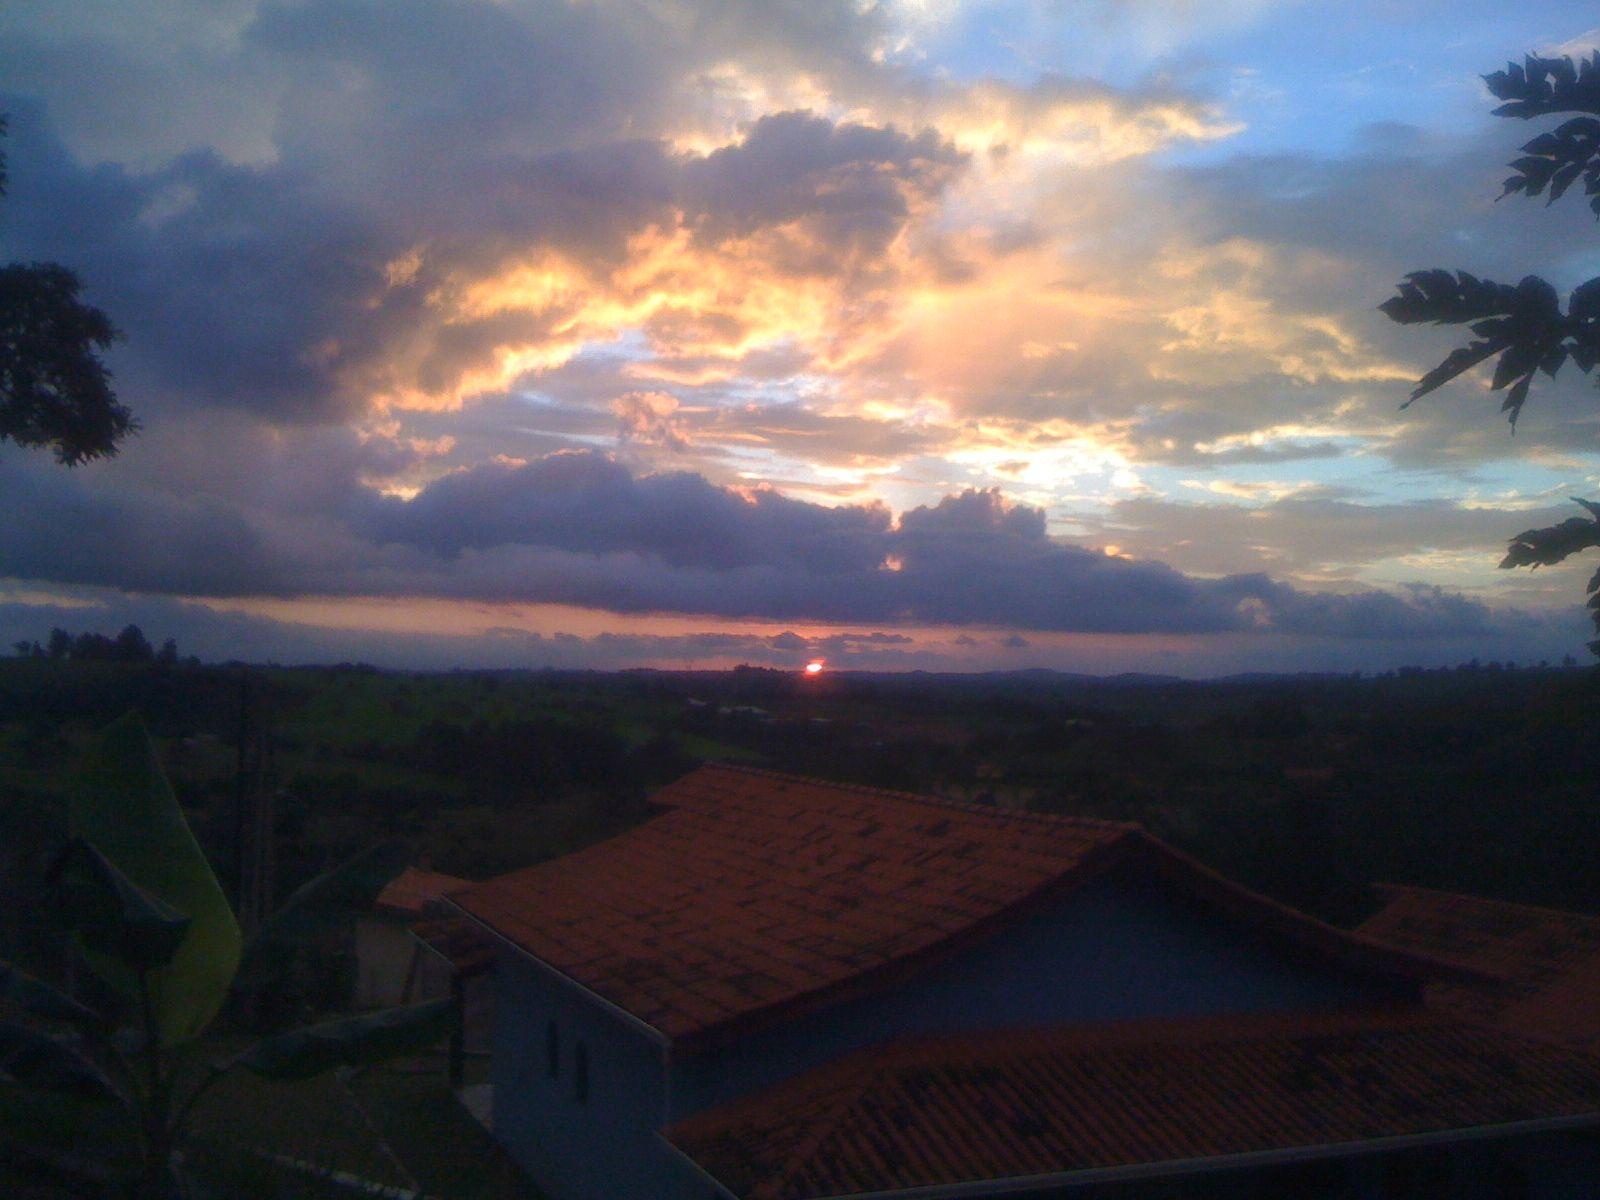 Belo por do sol em Minas Gerais - Brasil